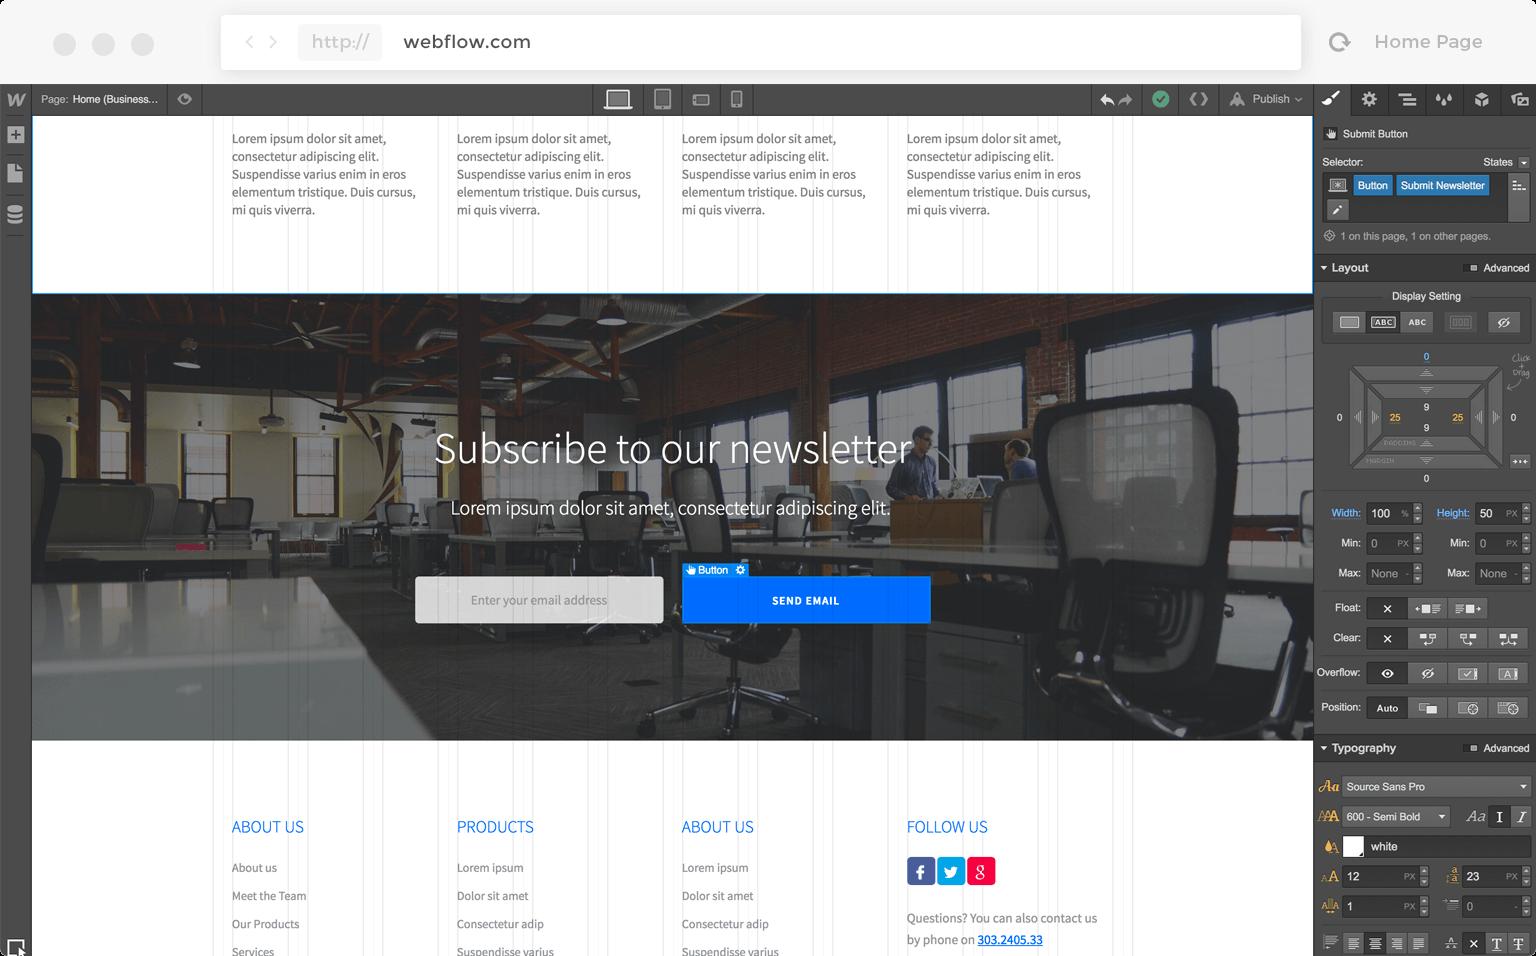 Exempel på att köpa hemsida med prenumeration som syfte